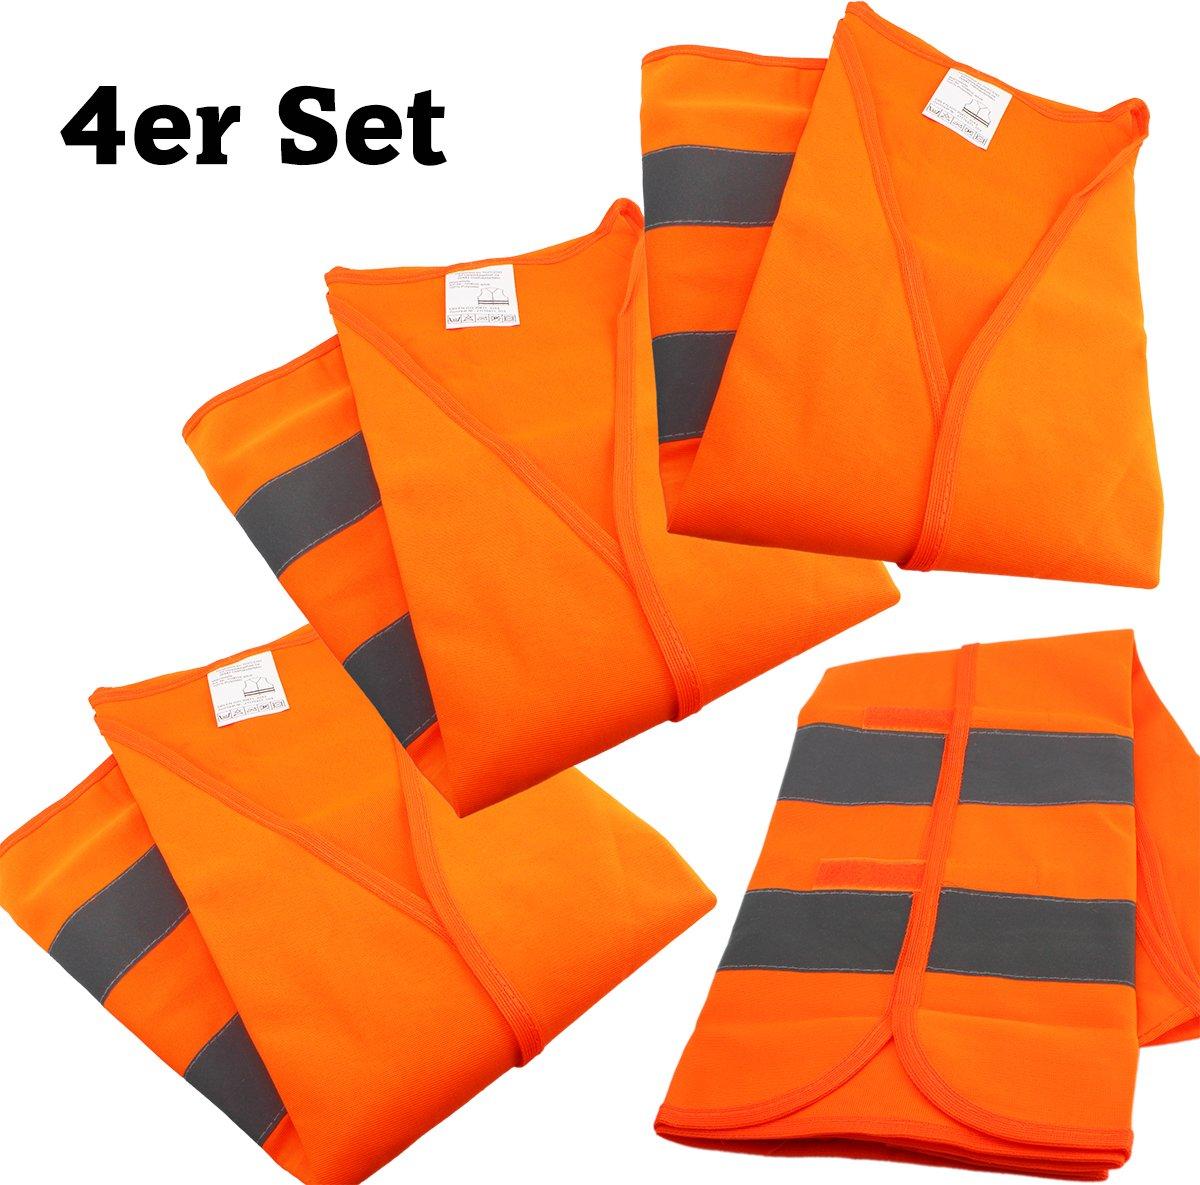 Pannenweste EN 471 orange mit Reflektorstreifen und Klettverschluss Universalgr/ö/ße Sicherheitsweste GYD 4 St/ück Warnweste f/ür Kinder